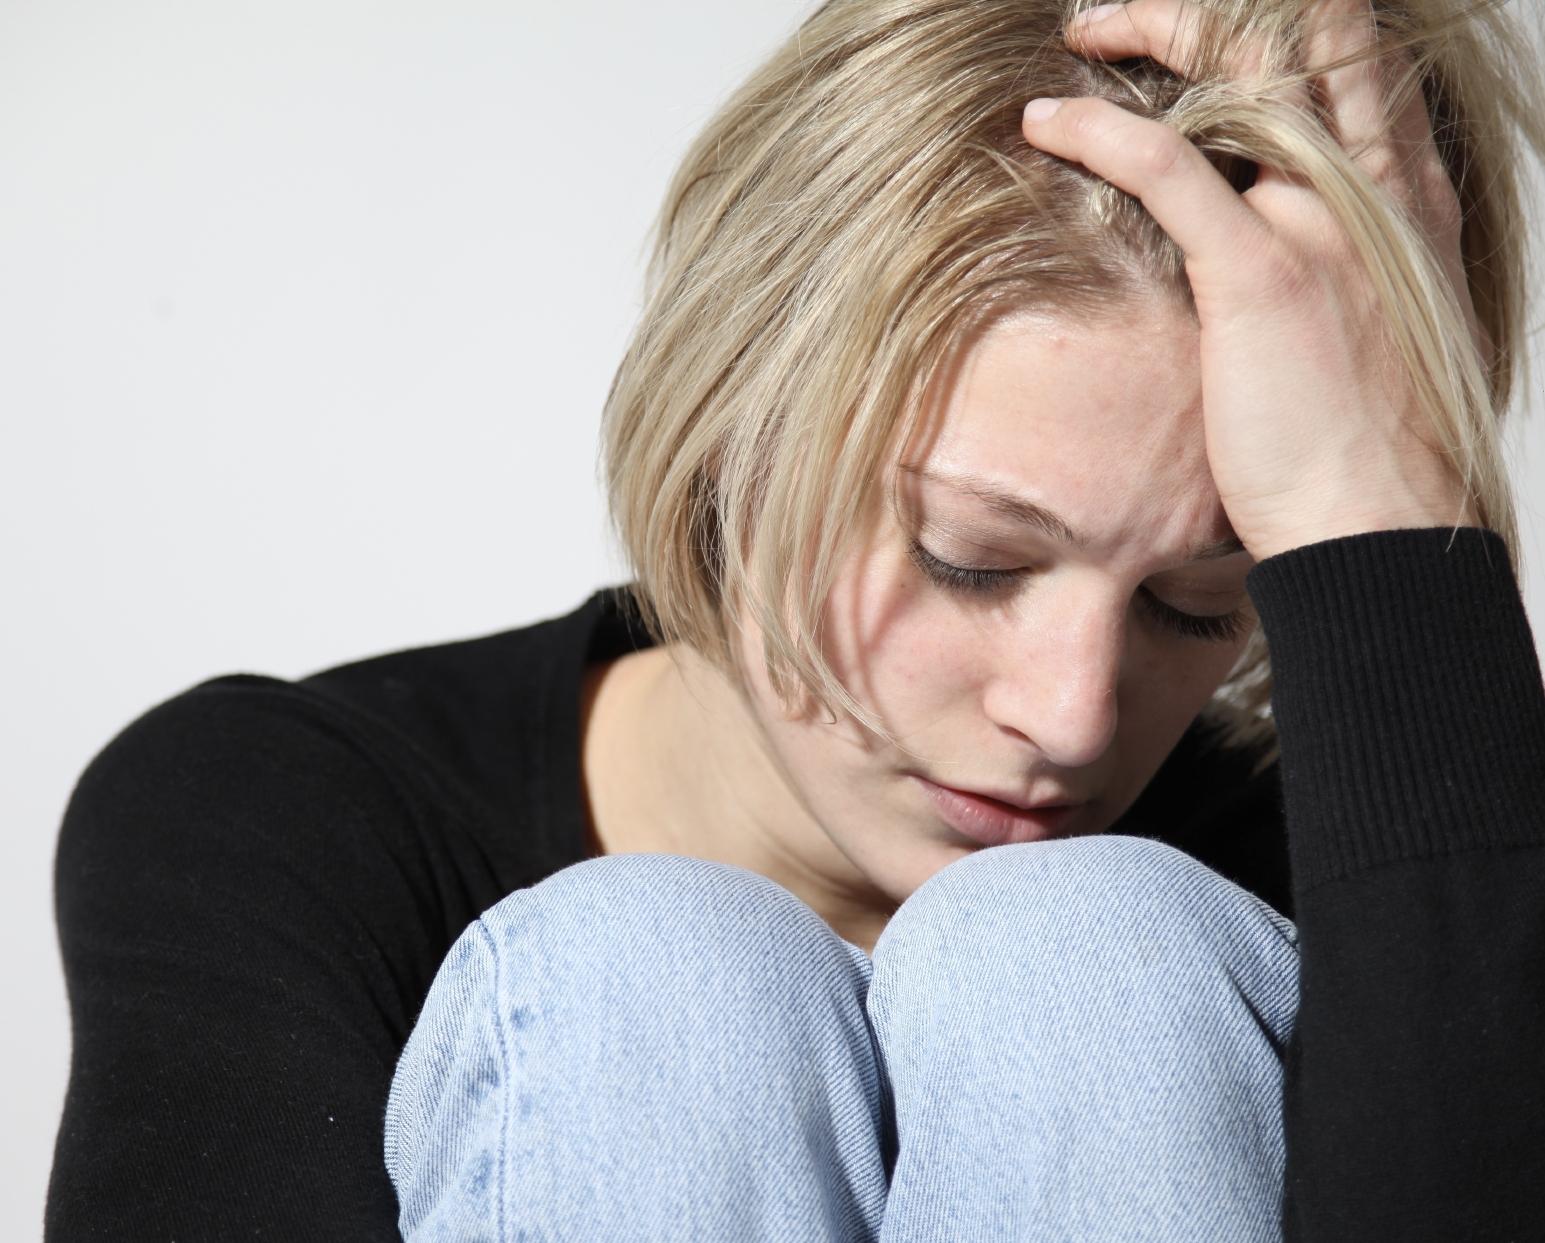 Sailitada valu artroosi millest ola liigesed voivad haiget teha